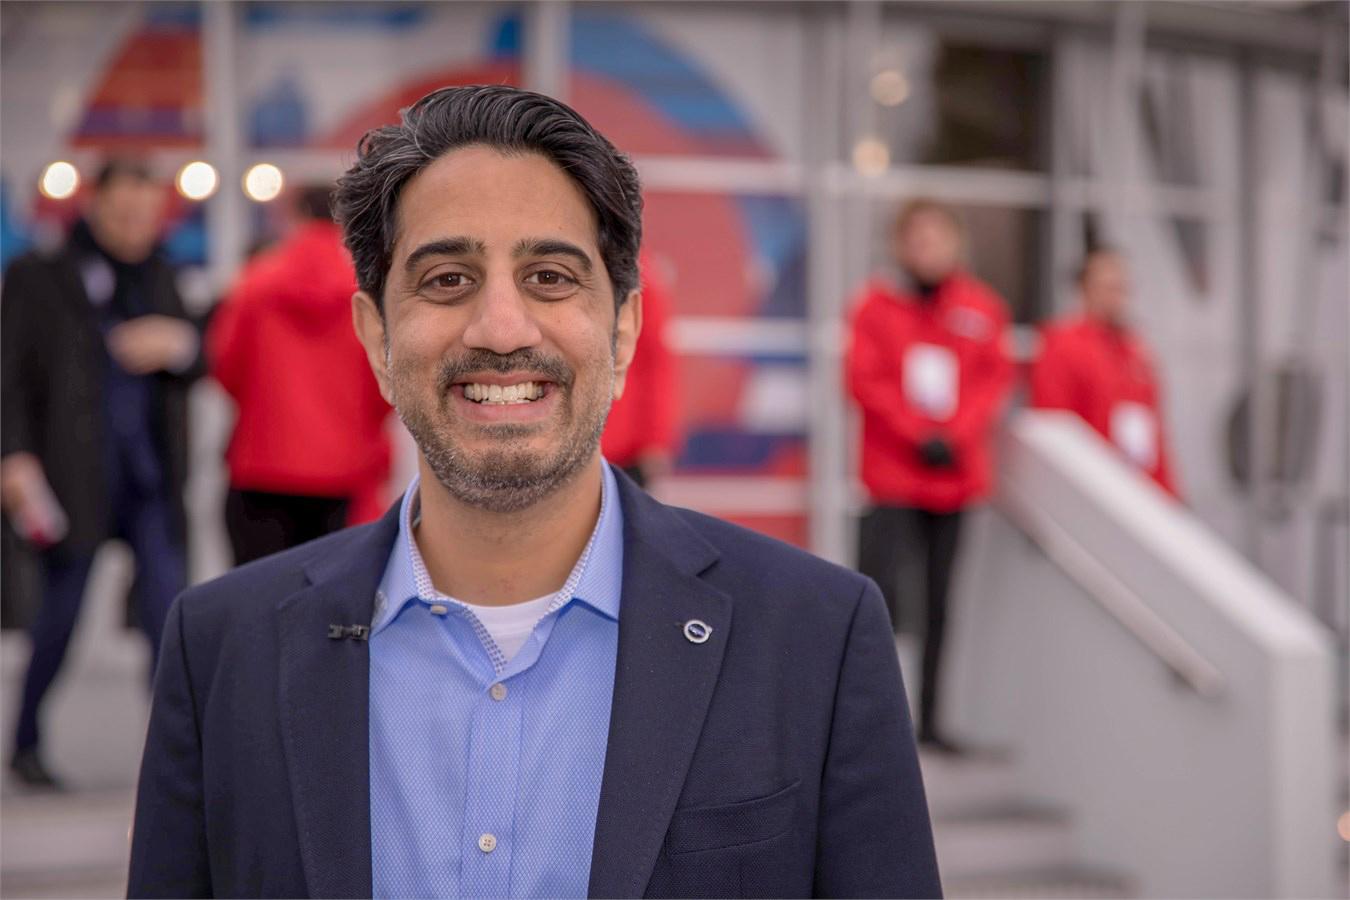 Генеральный директор Tech Fund Заки Фасихуддин